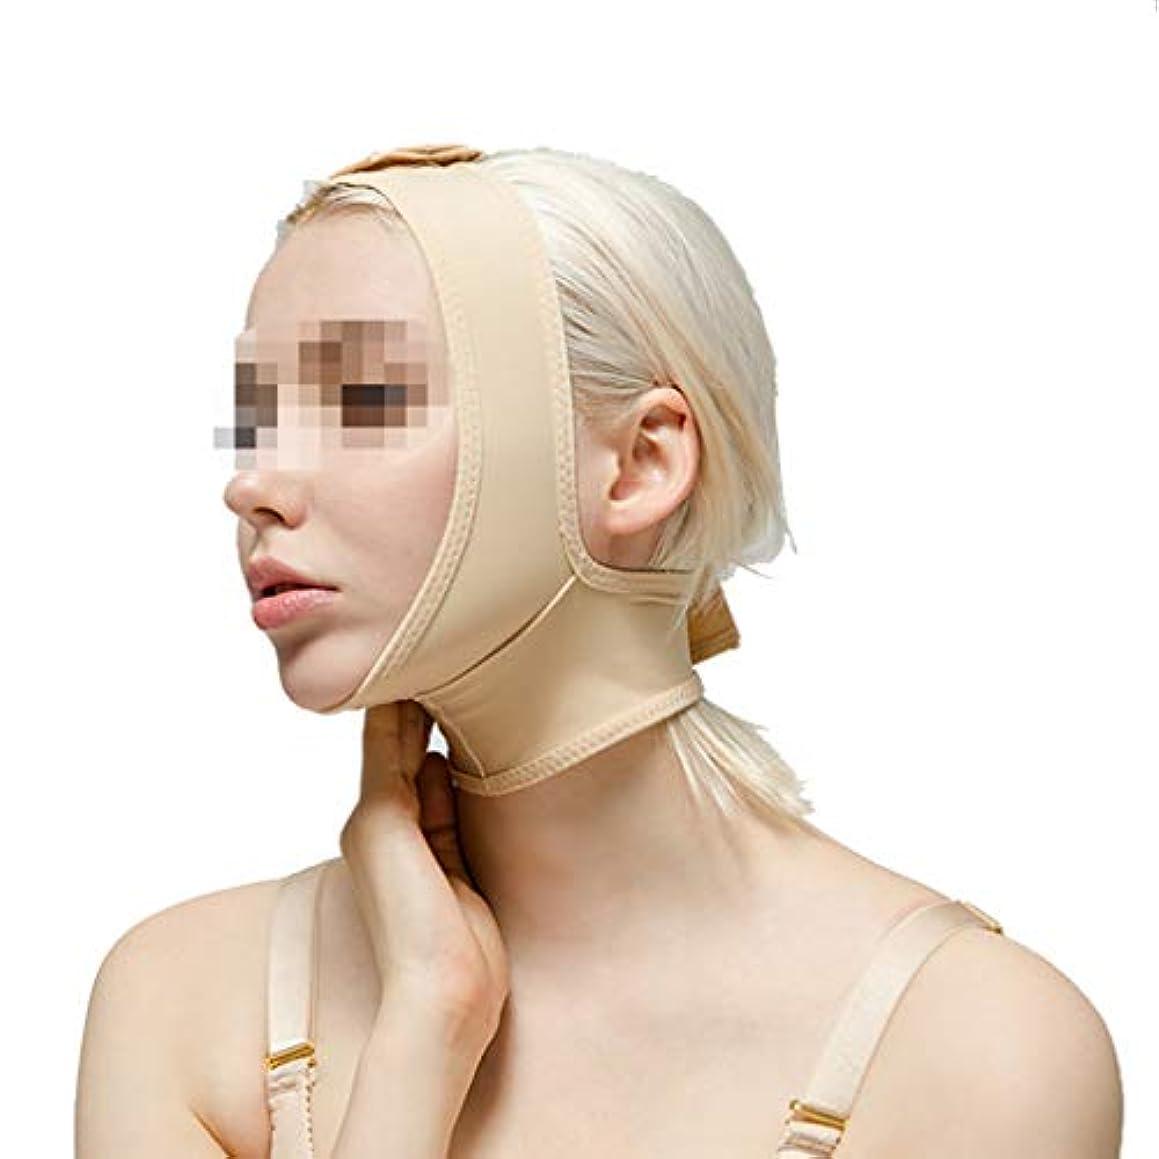 塊確認する好奇心XHLMRMJ 術後の弾性スリーブ、下顎の束フェイス包帯フェイシャルビームダブルチンシンフェイスマスクマルチサイズオプション (Size : XXL)